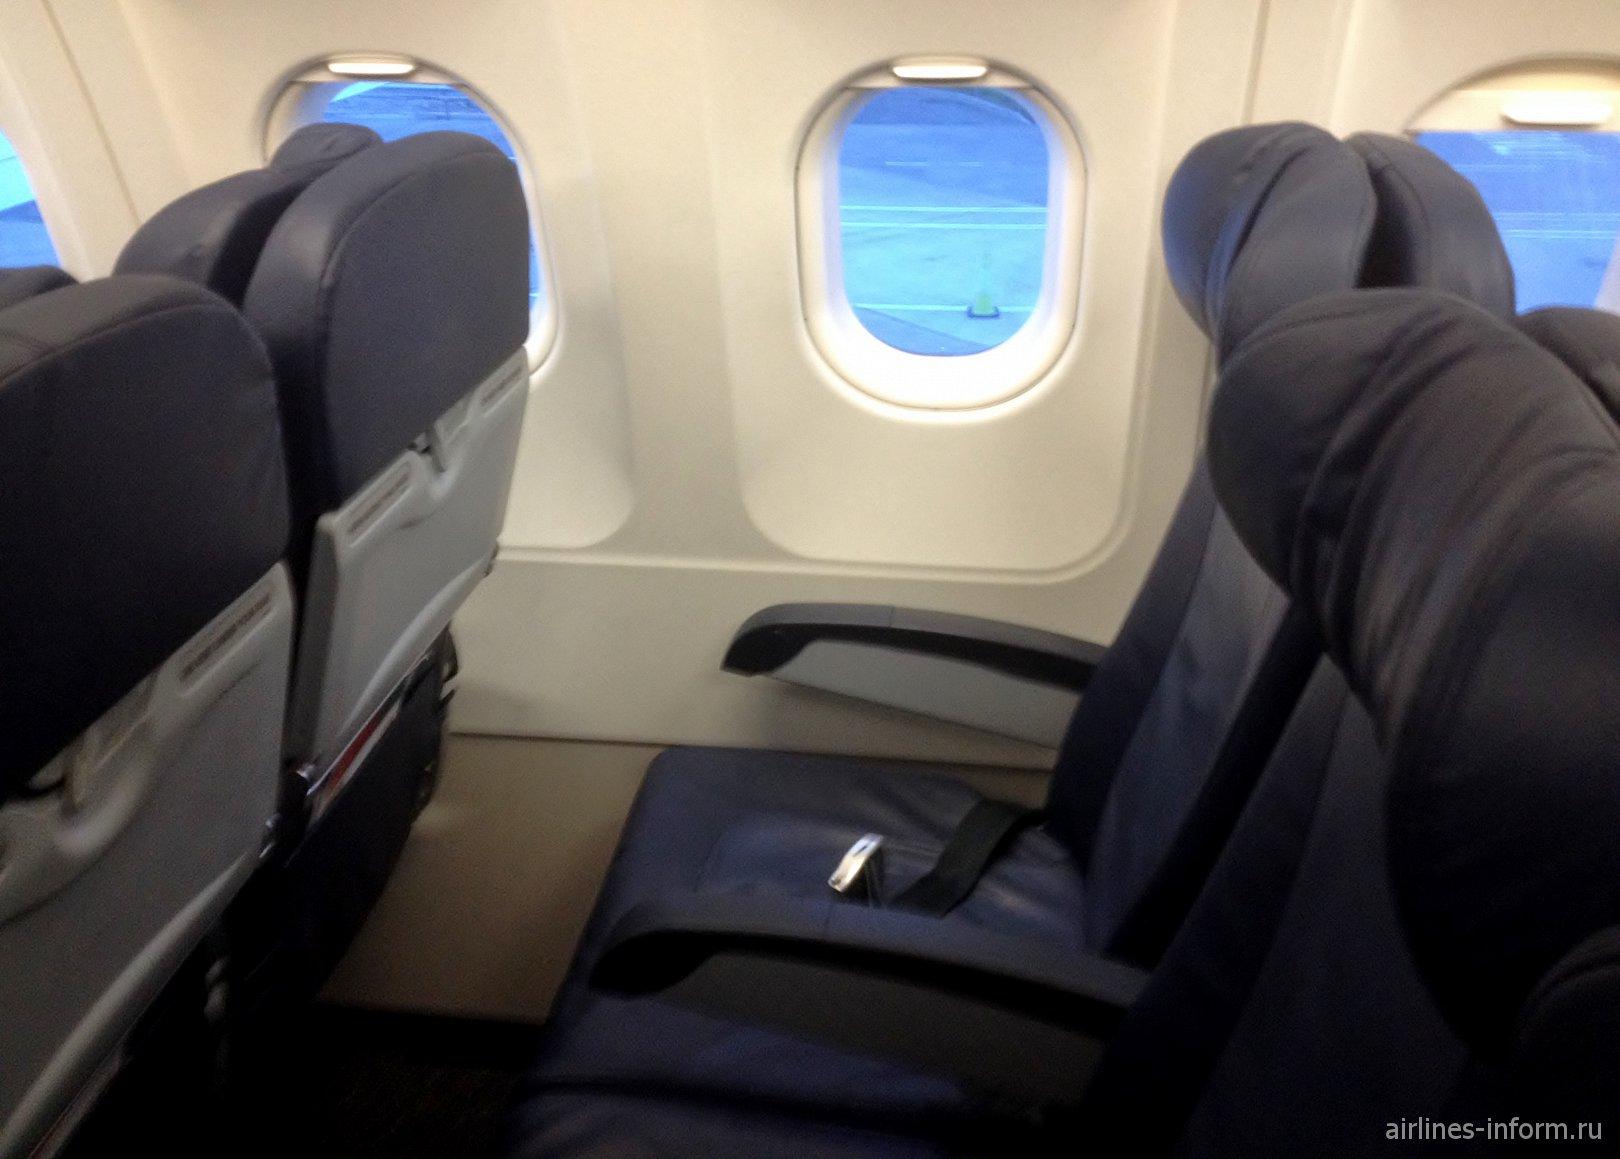 Пассажирские кресла в самолете Airbus A320 авиакомпании Aer Lingus